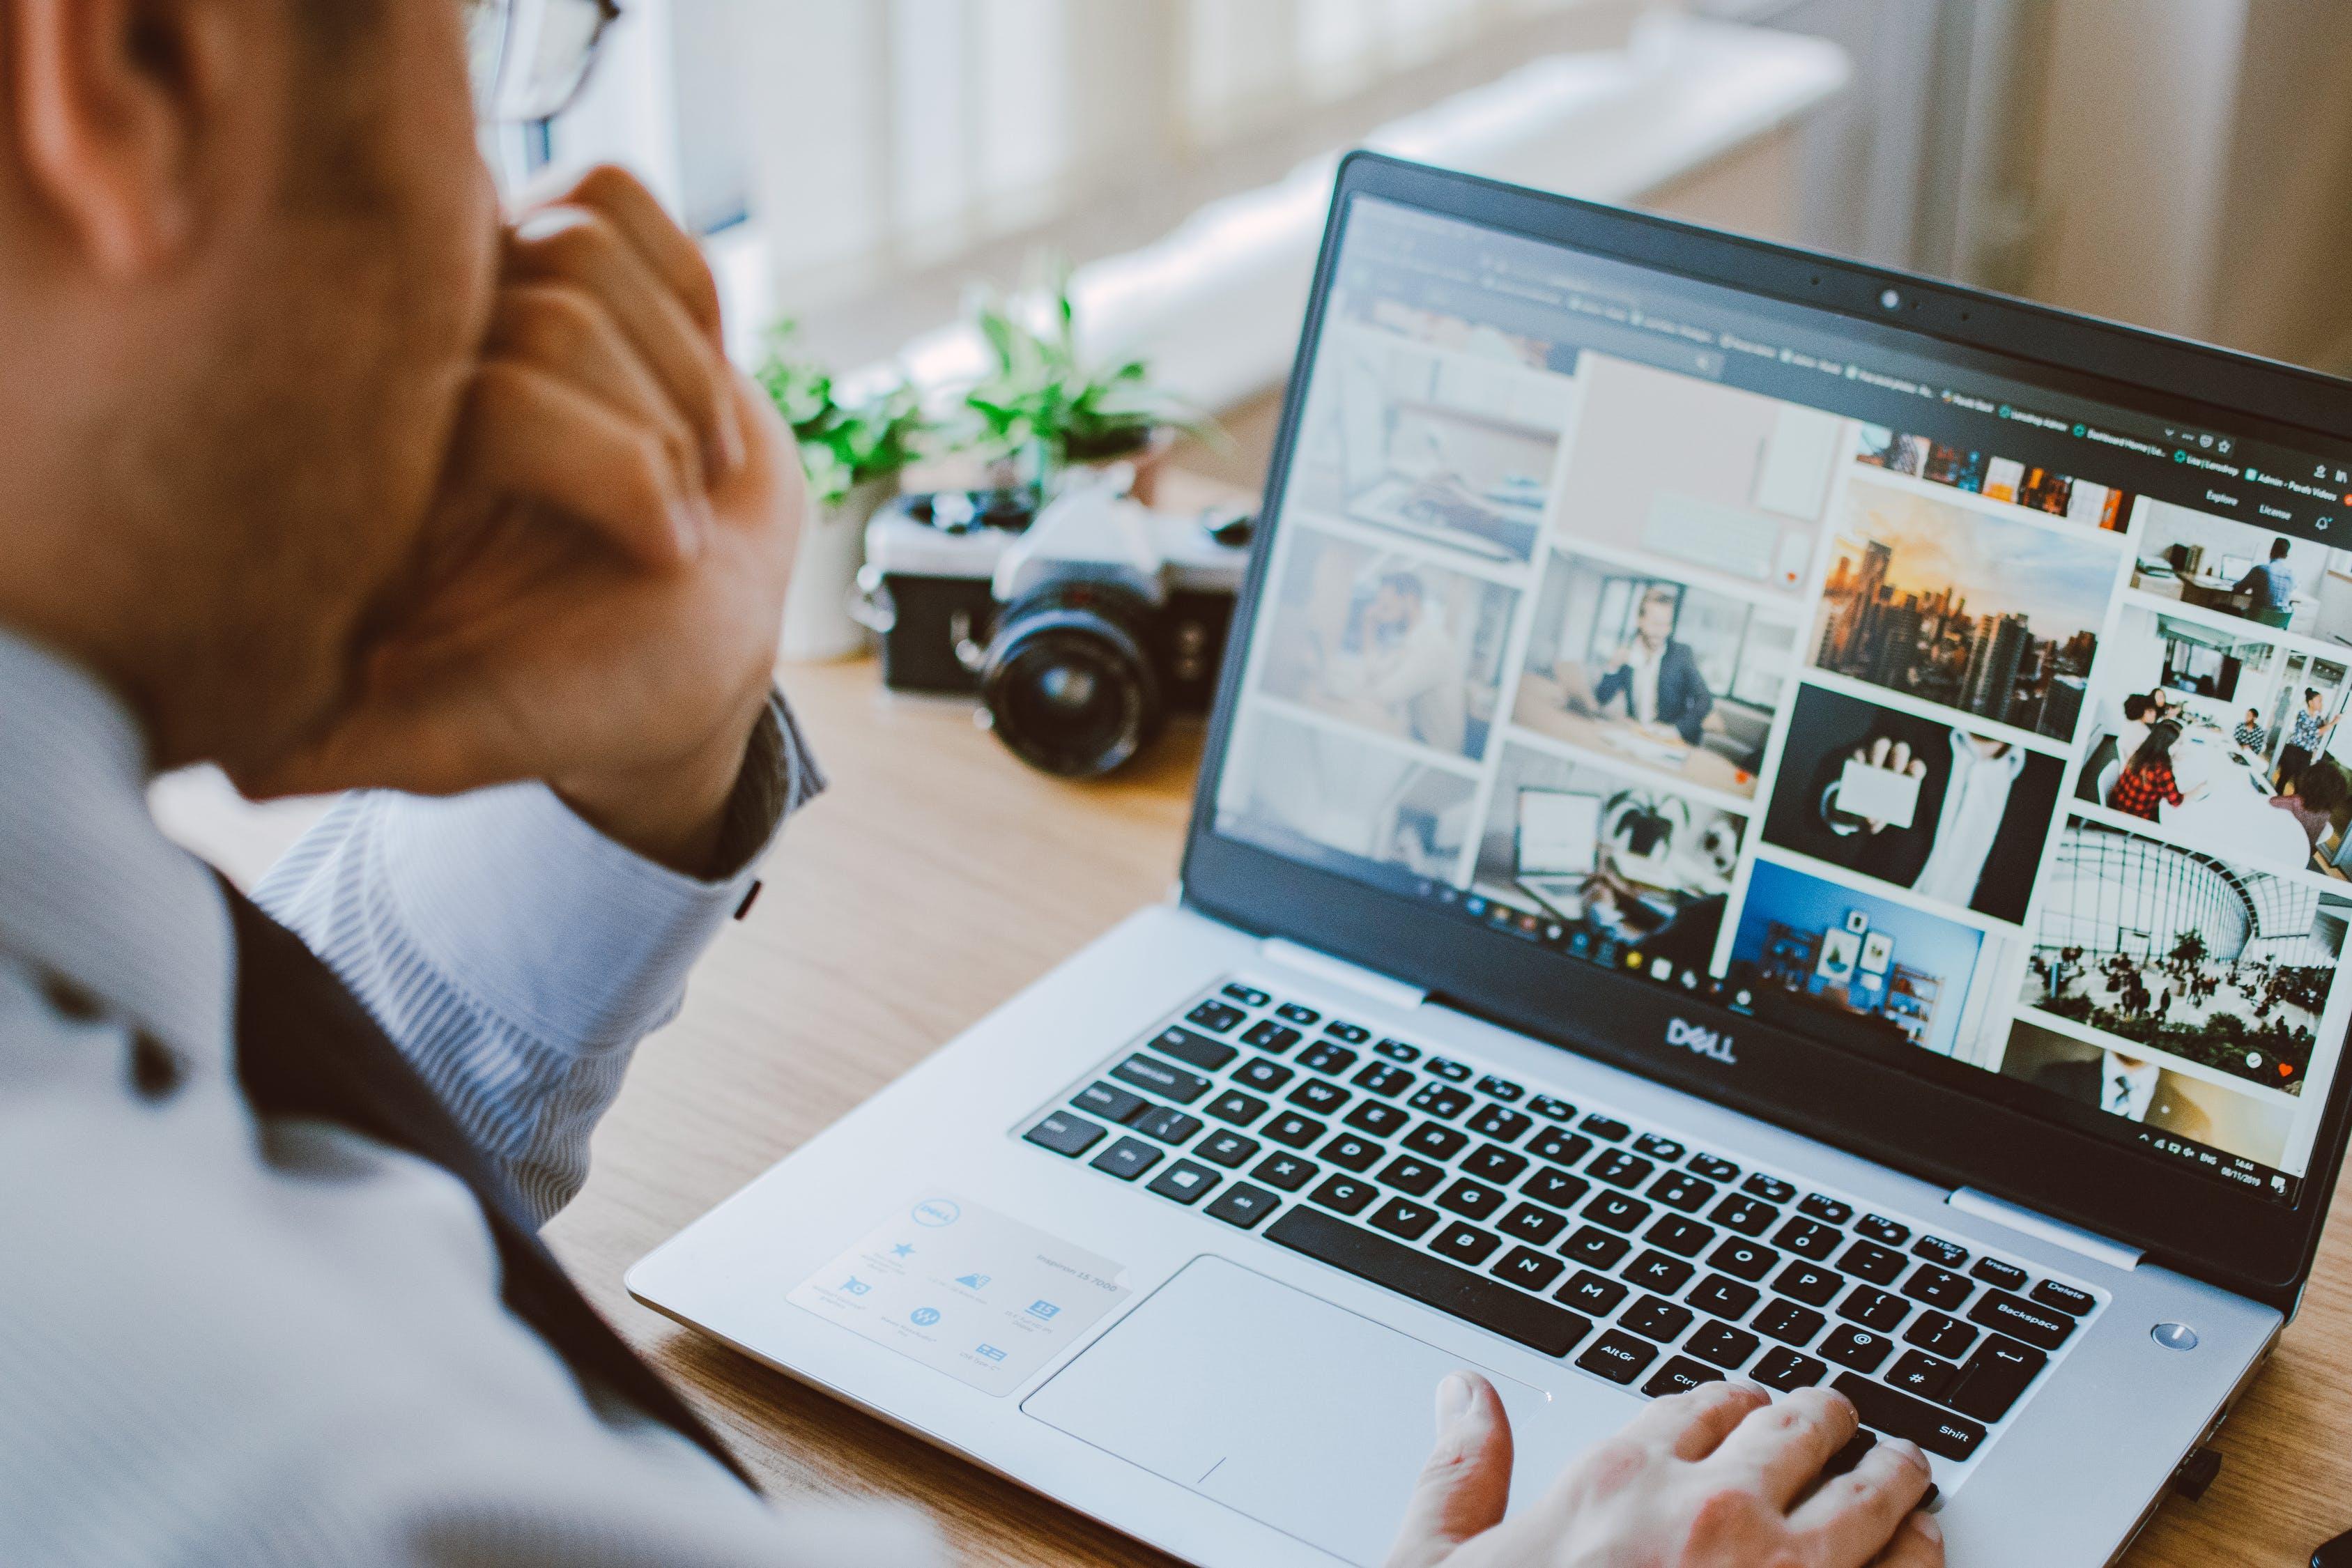 vweb community management et social media lyon